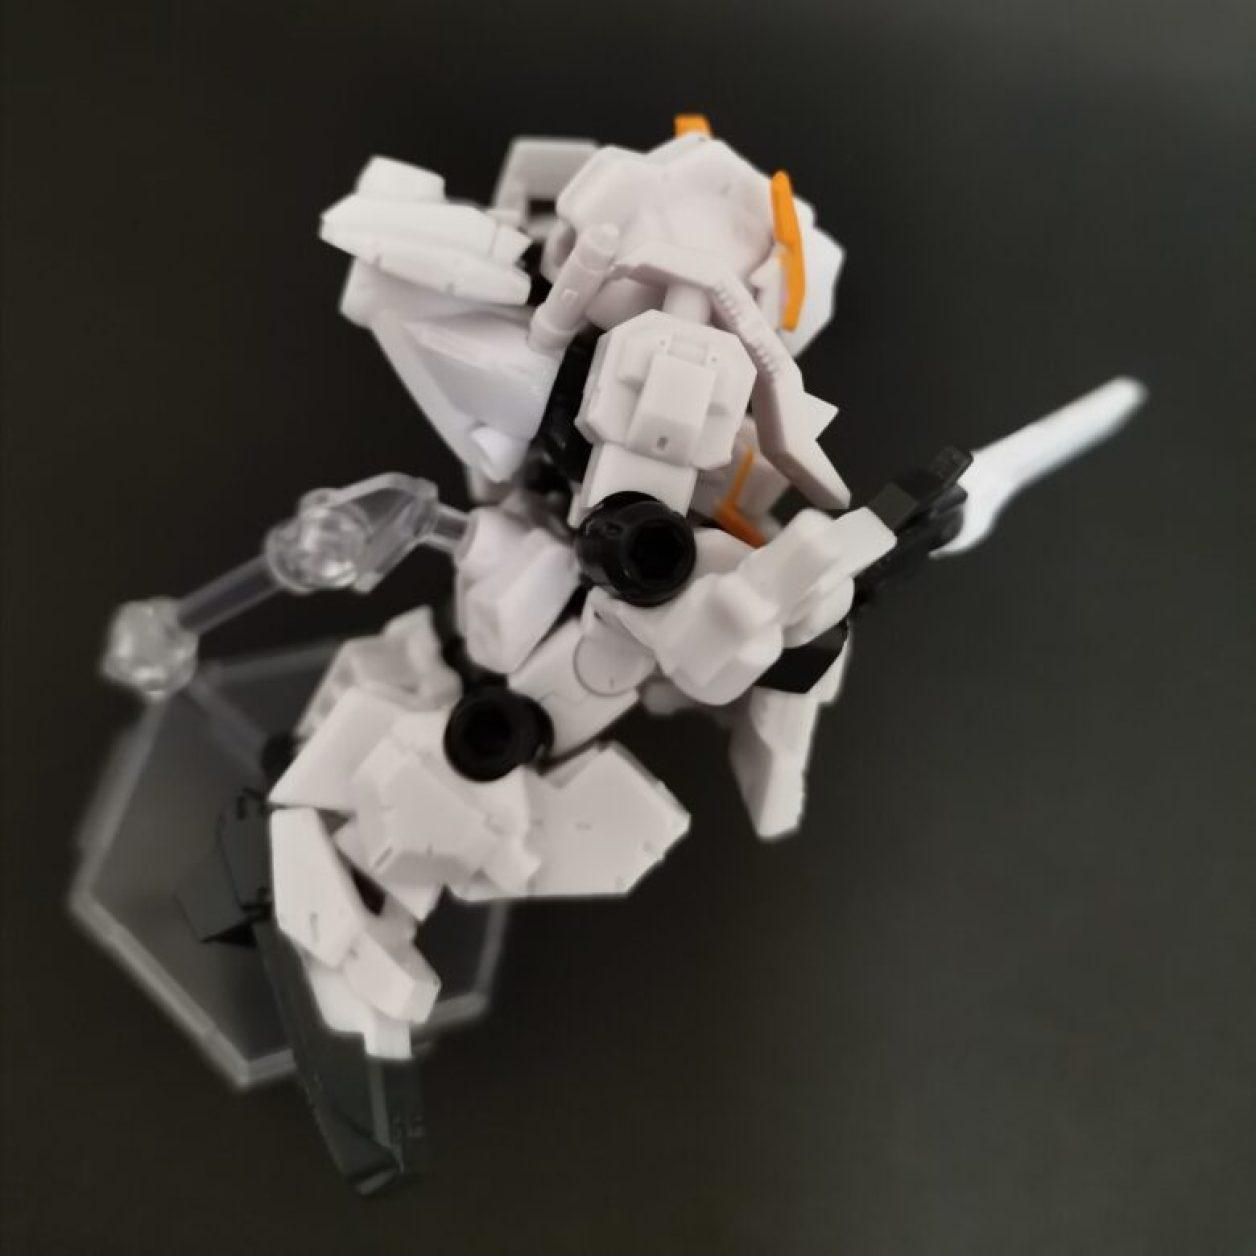 mobile suit ensemble (モビルスーツアンサンブル)ex23弾のガンダムtr-1[ヘイズル·アウスラ](ギガンティックアームユニット装備)セットのヘイズルアウスラにミサイルポッドとロングブレードライフルを装備させた画像